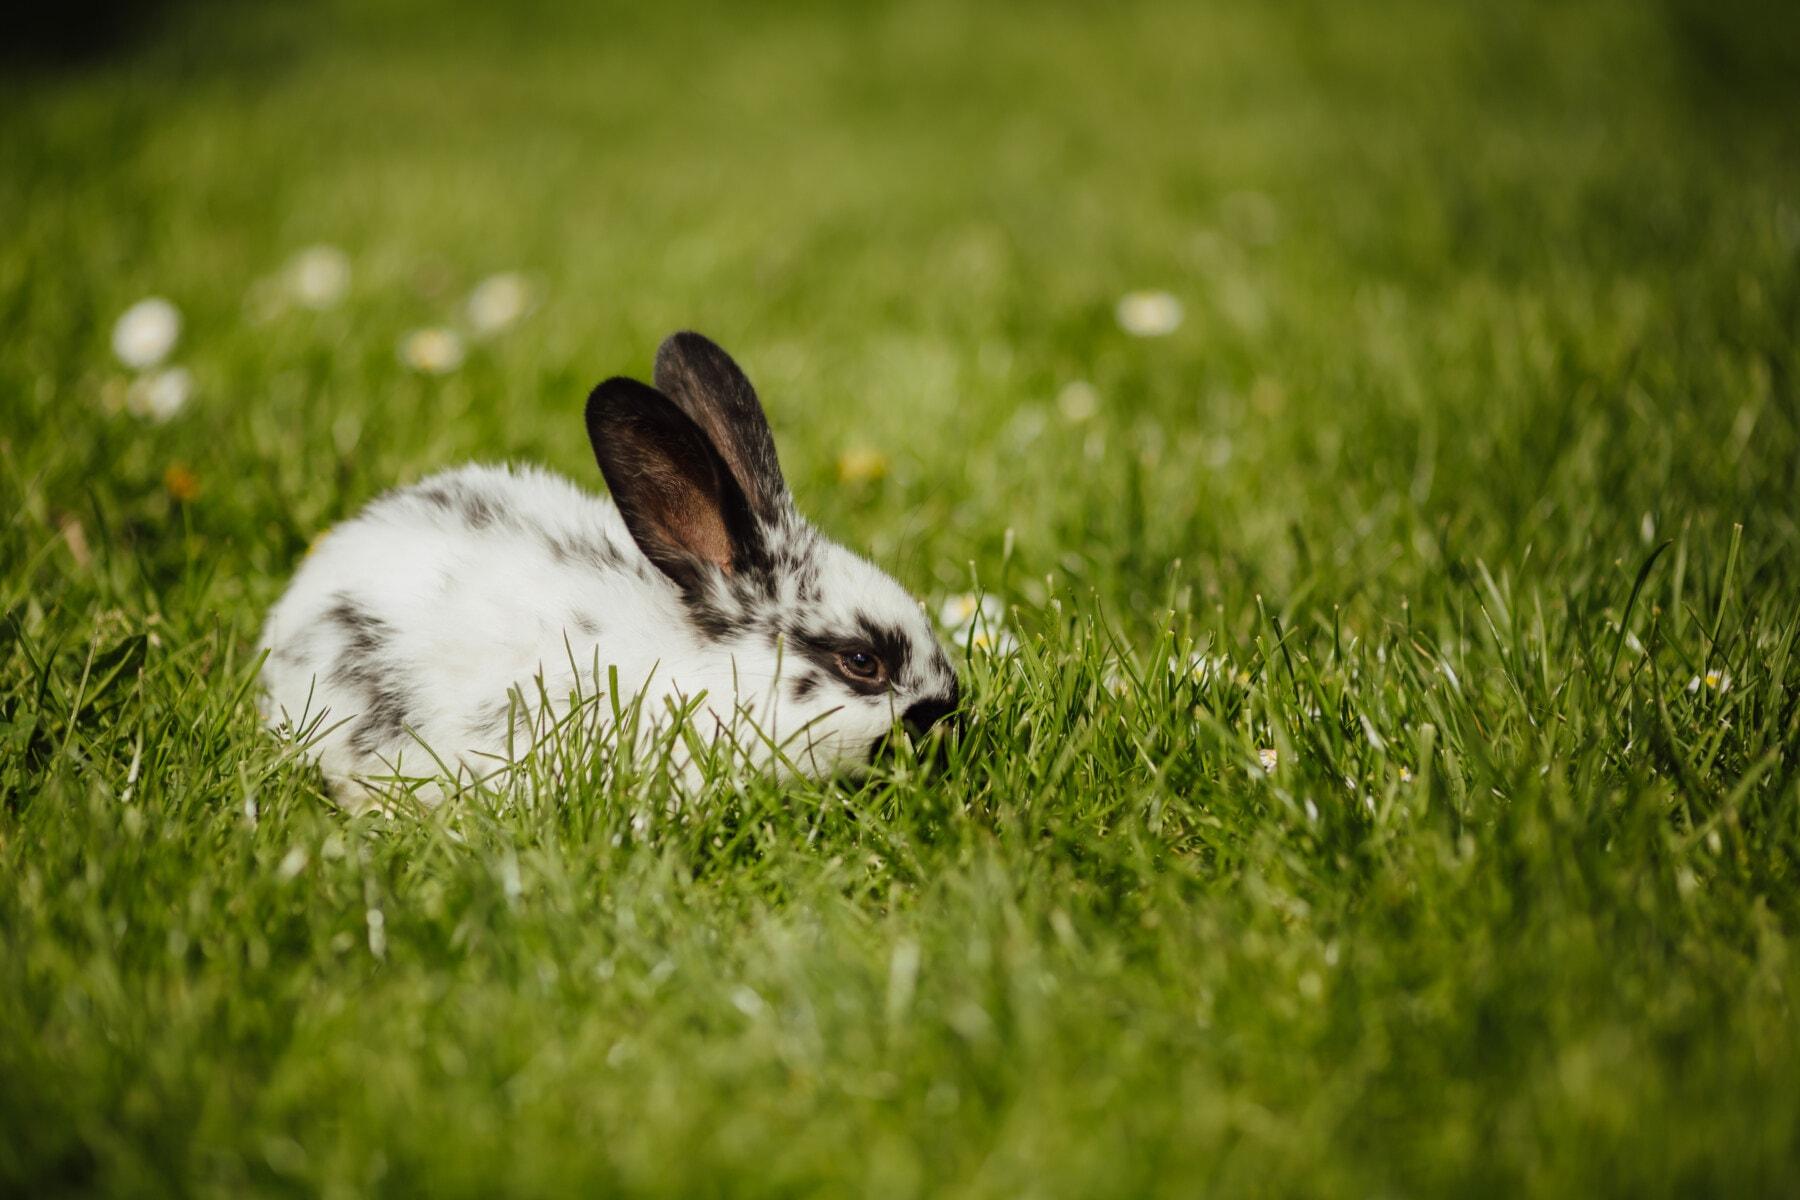 Hase, inländische, Haustier, Nagetier, Bunny, Weiden, grüne Blätter, grünes Gras, niedlich, Pelz